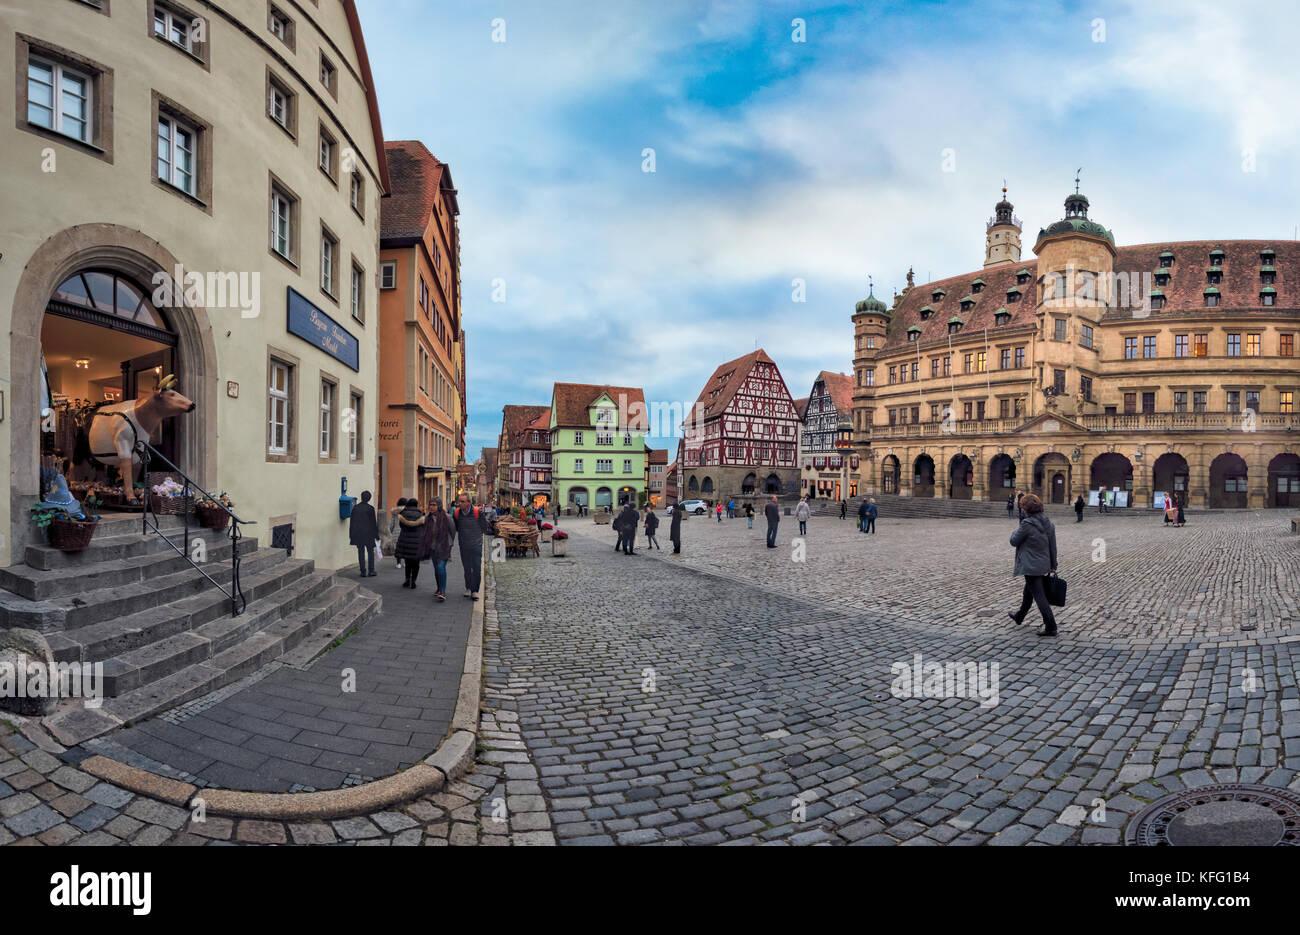 Rothenburg ob der Tauber, Deutschland - Oktober 24, 2017: Unbekannter Touristen genießen eine Sightseeing Tour Stockbild